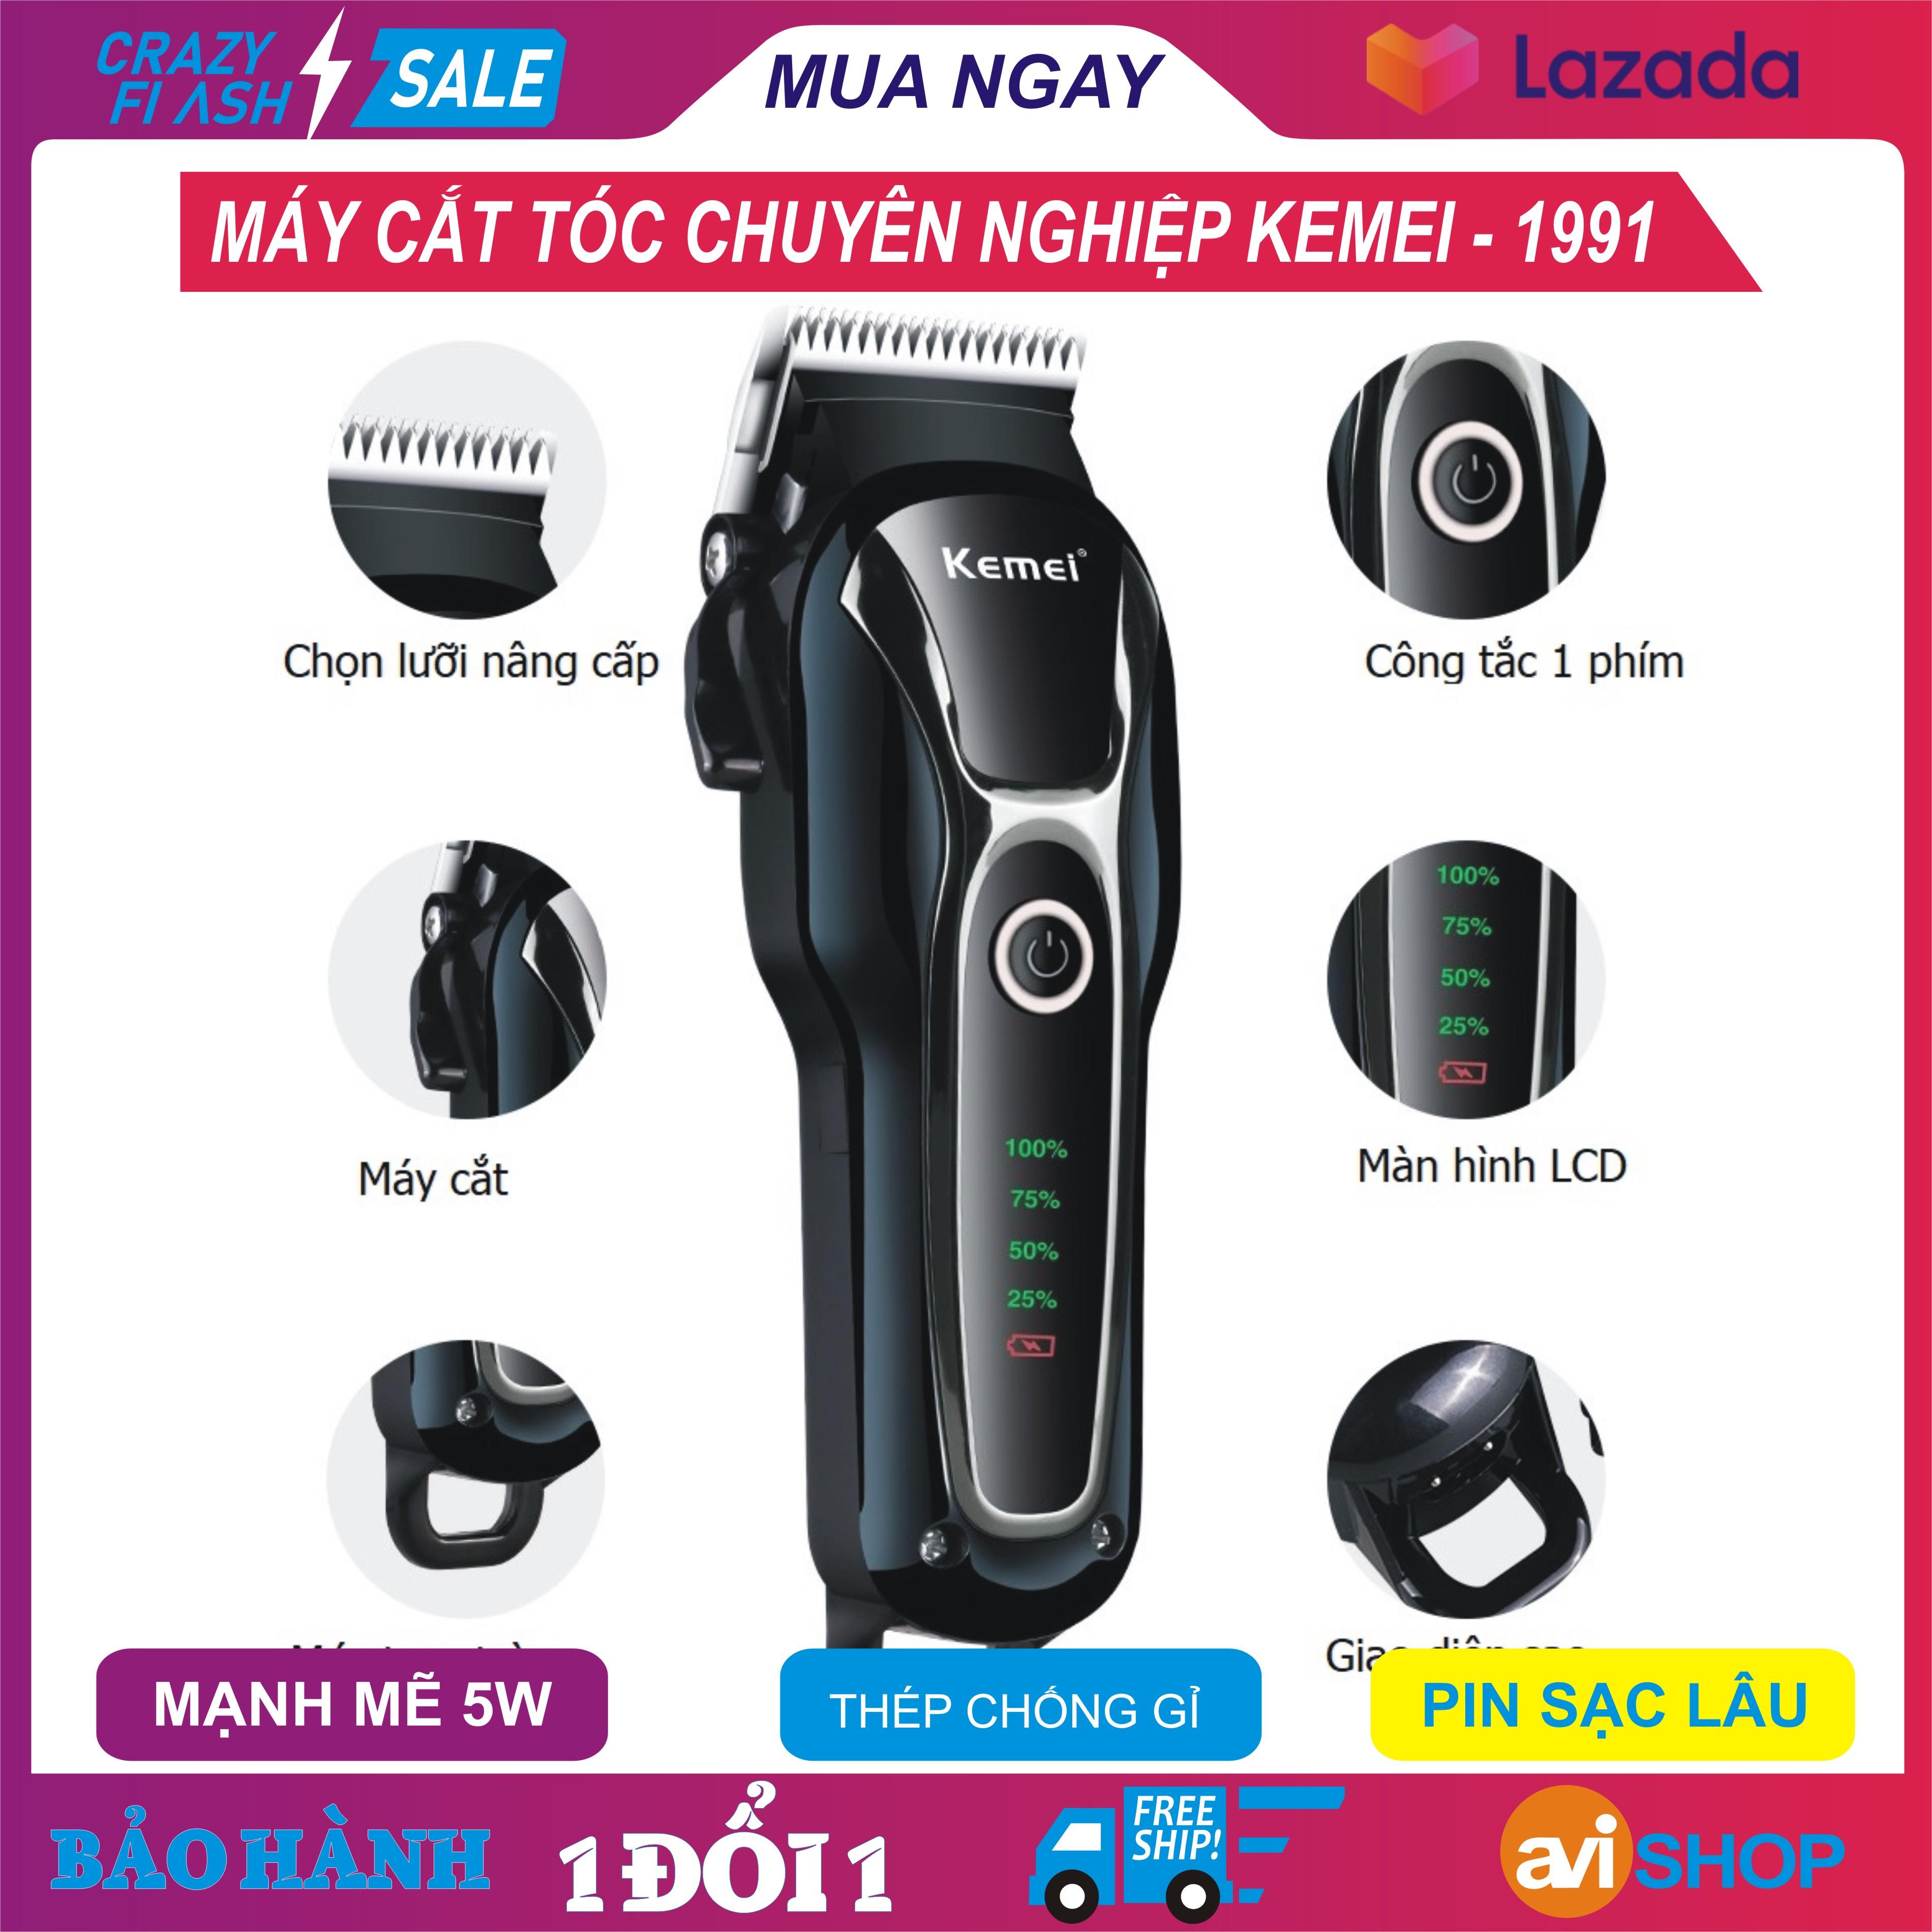 Máy cắt tóc Kemei-KM1991, Tông đơ cắt  tóc chuyên nghiệp, công suất cao, chất, Hàng chất thép không gỉ, pin sạc lâu, đầu cắt chuẩn, tặng thêm giới hạn lược, Giá SHOCk - aviSHOP cao cấp